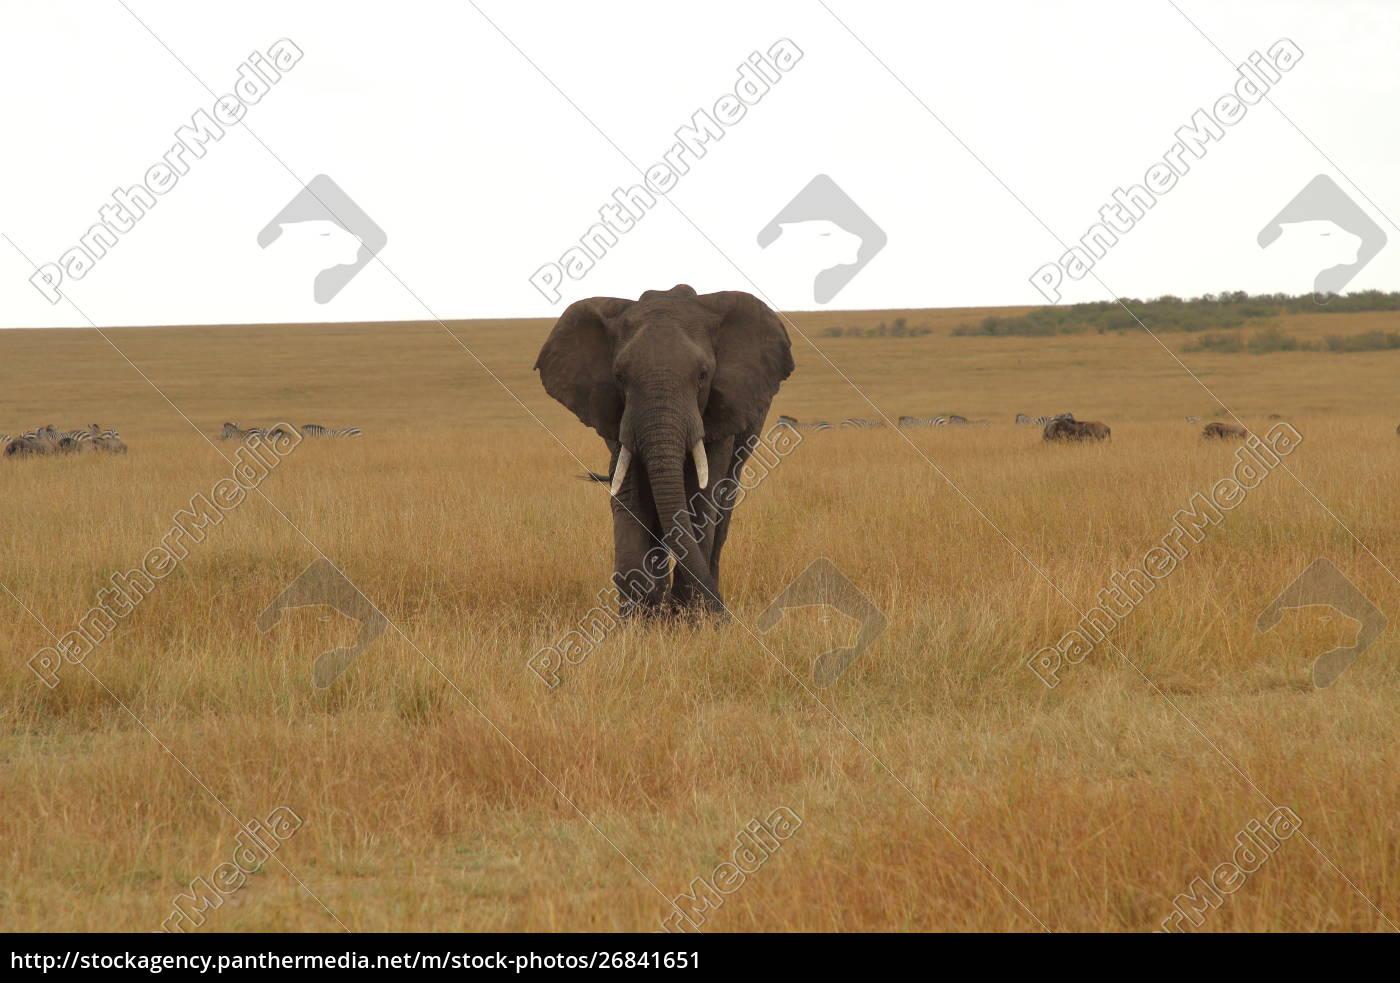 elefante, africano, in, un'ampia, pianura, in - 26841651